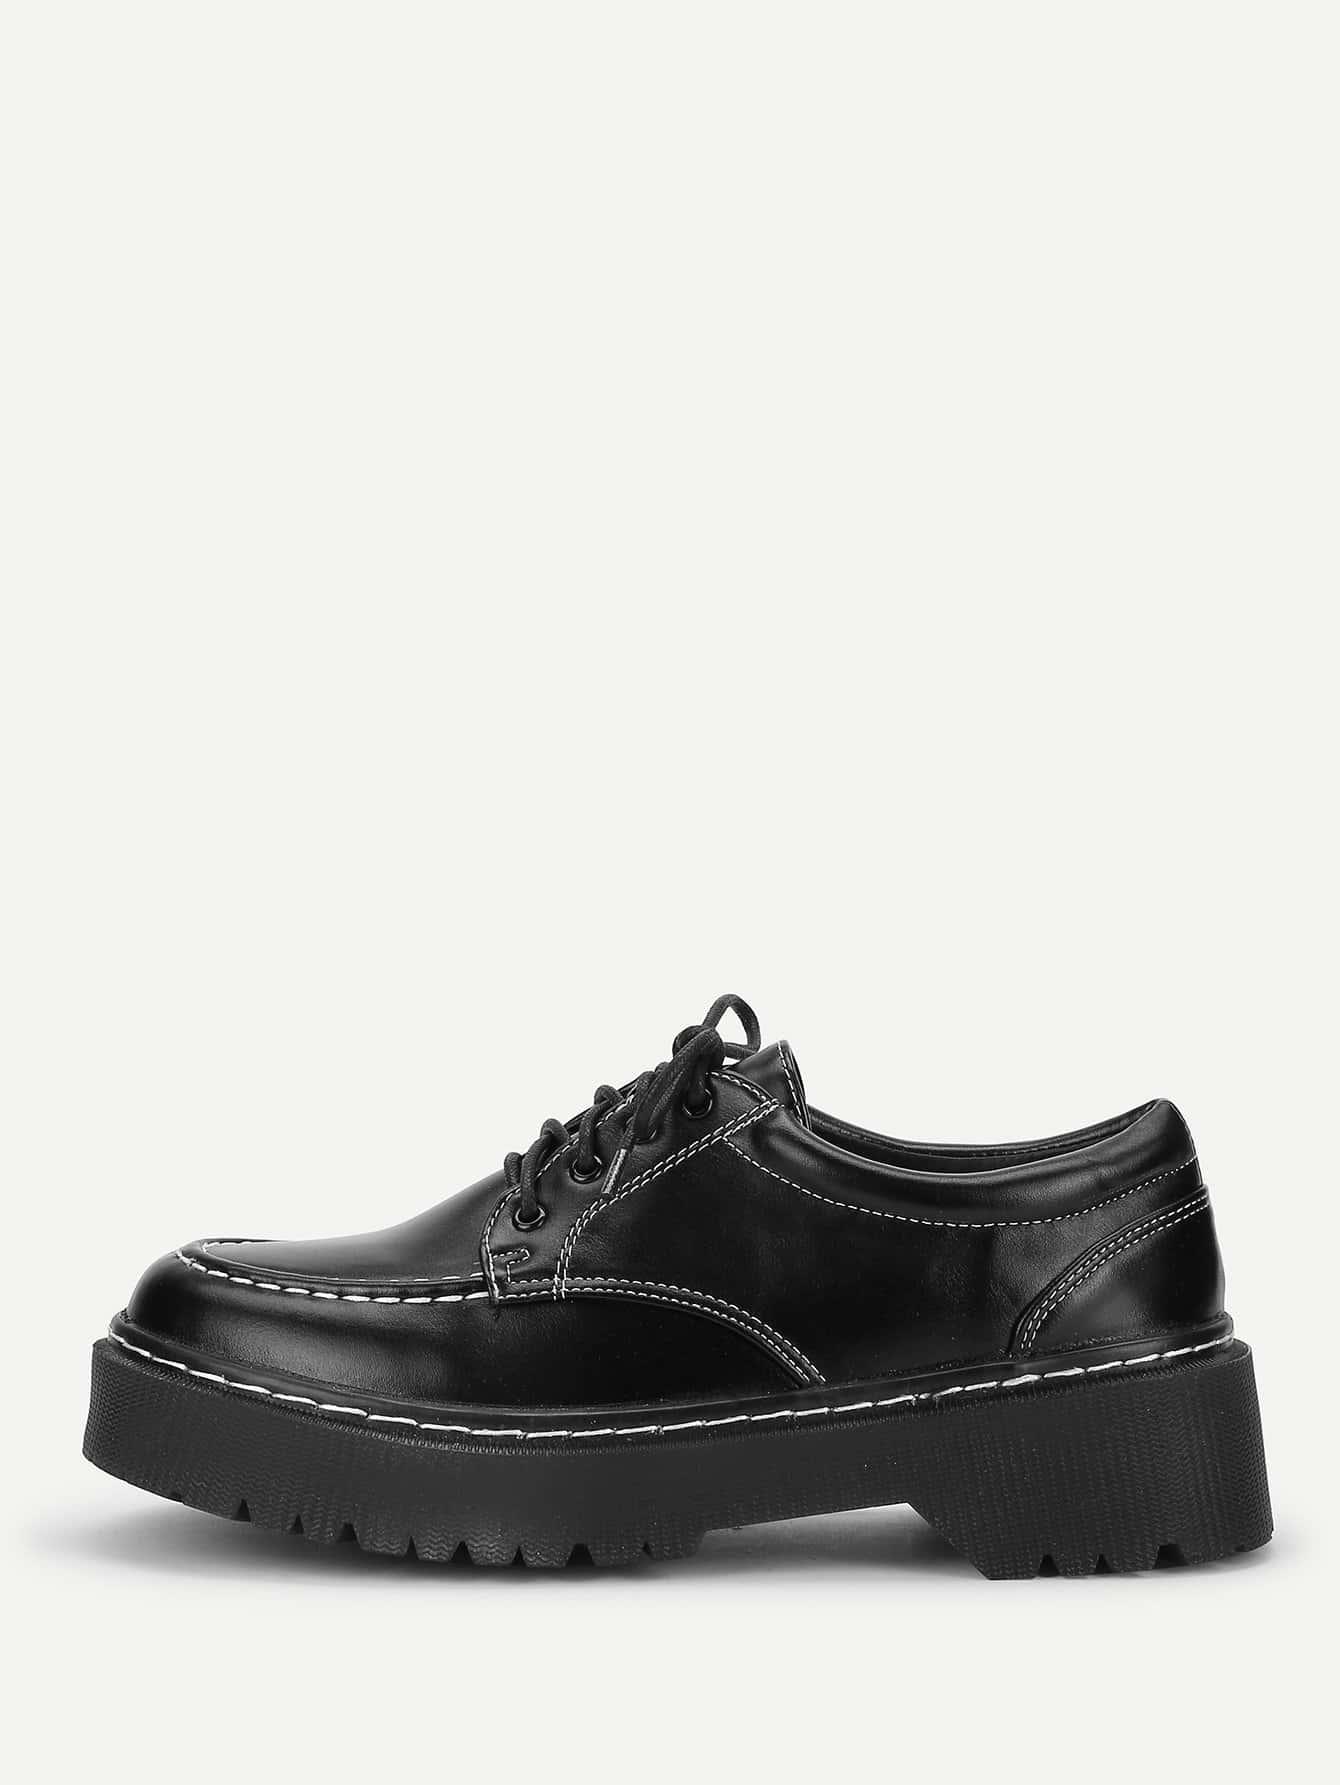 Купить Рубашечные туфли на танкетке с шнурками, null, SheIn